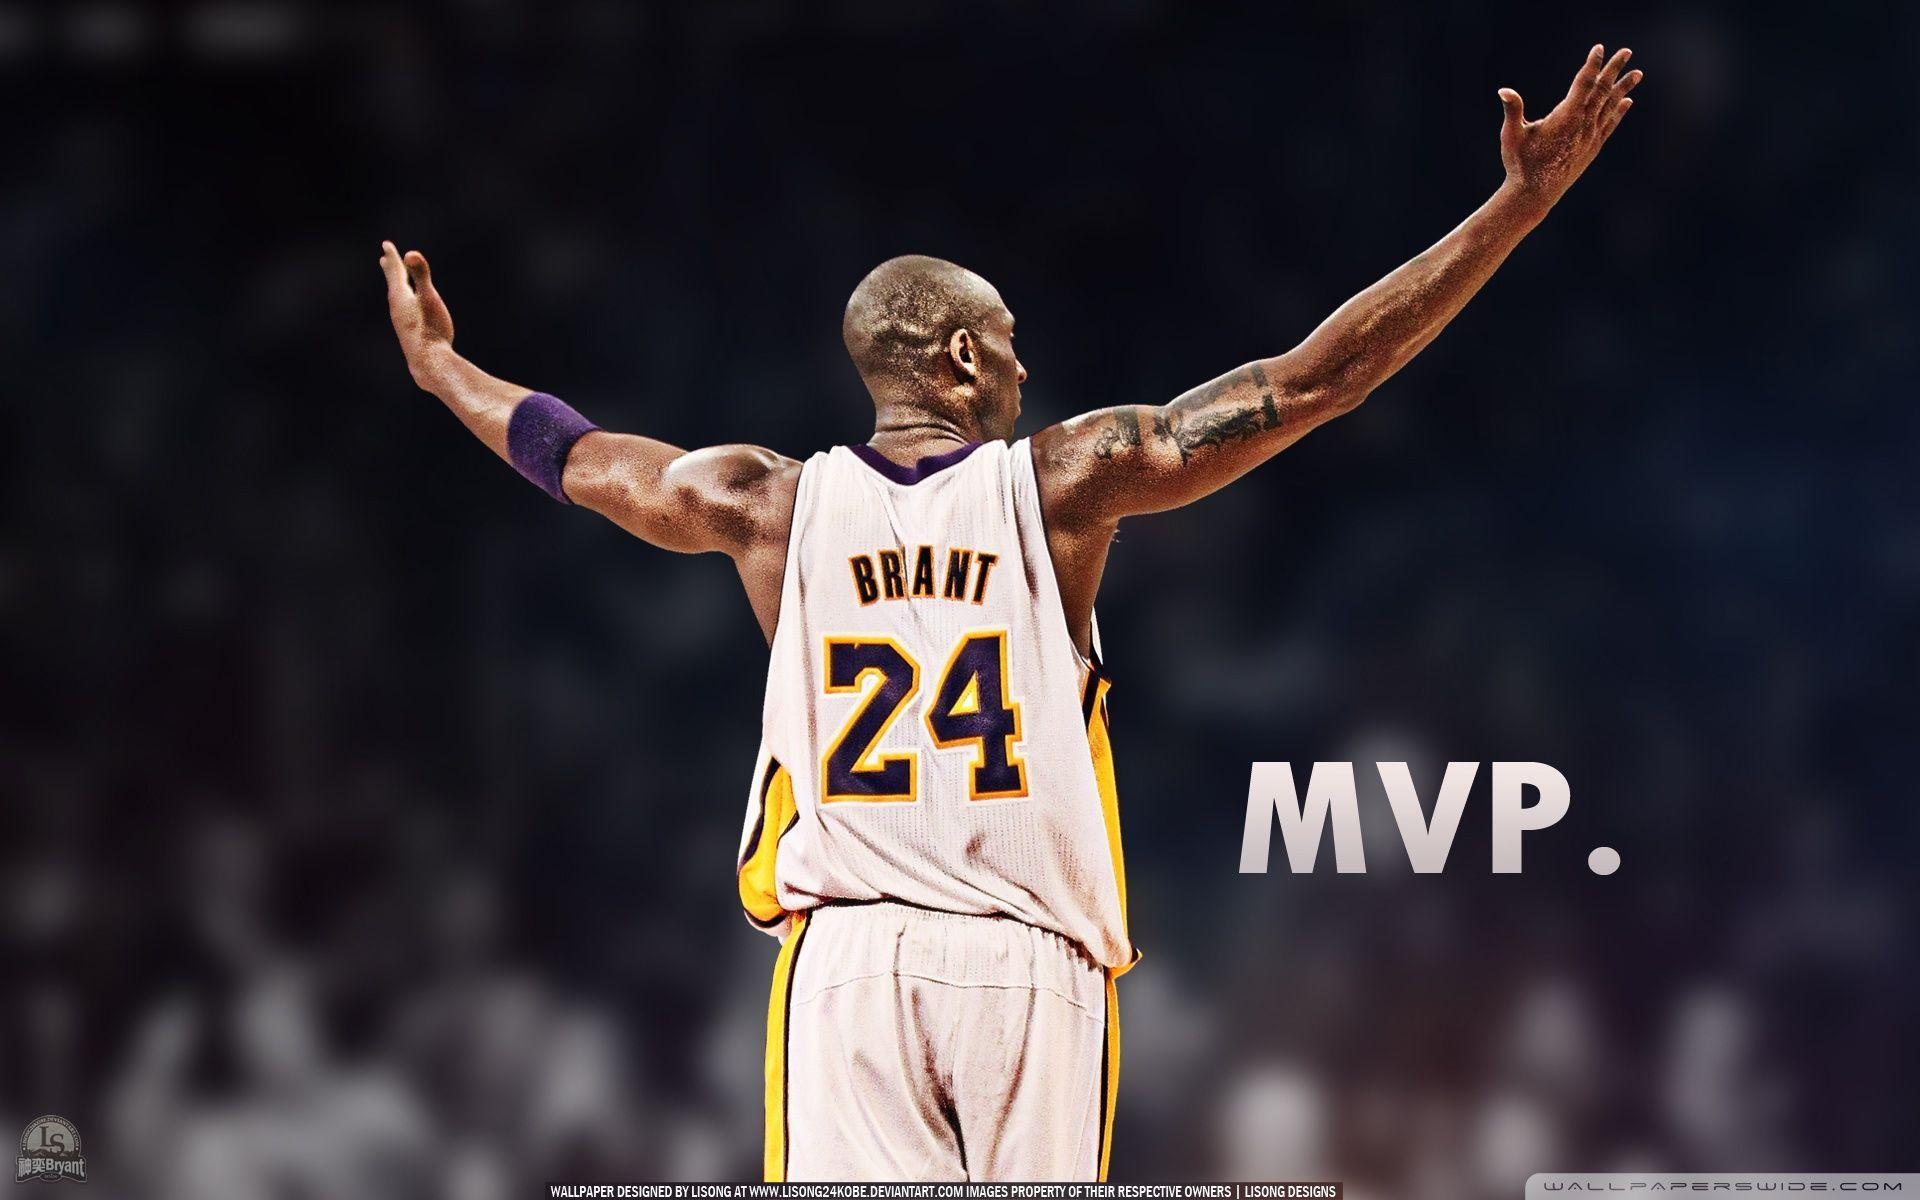 timeless design 44e9f 547cf Kobe Bryant is the MVP   VIP Wallpaper   HD Wallpapers for Desktop .